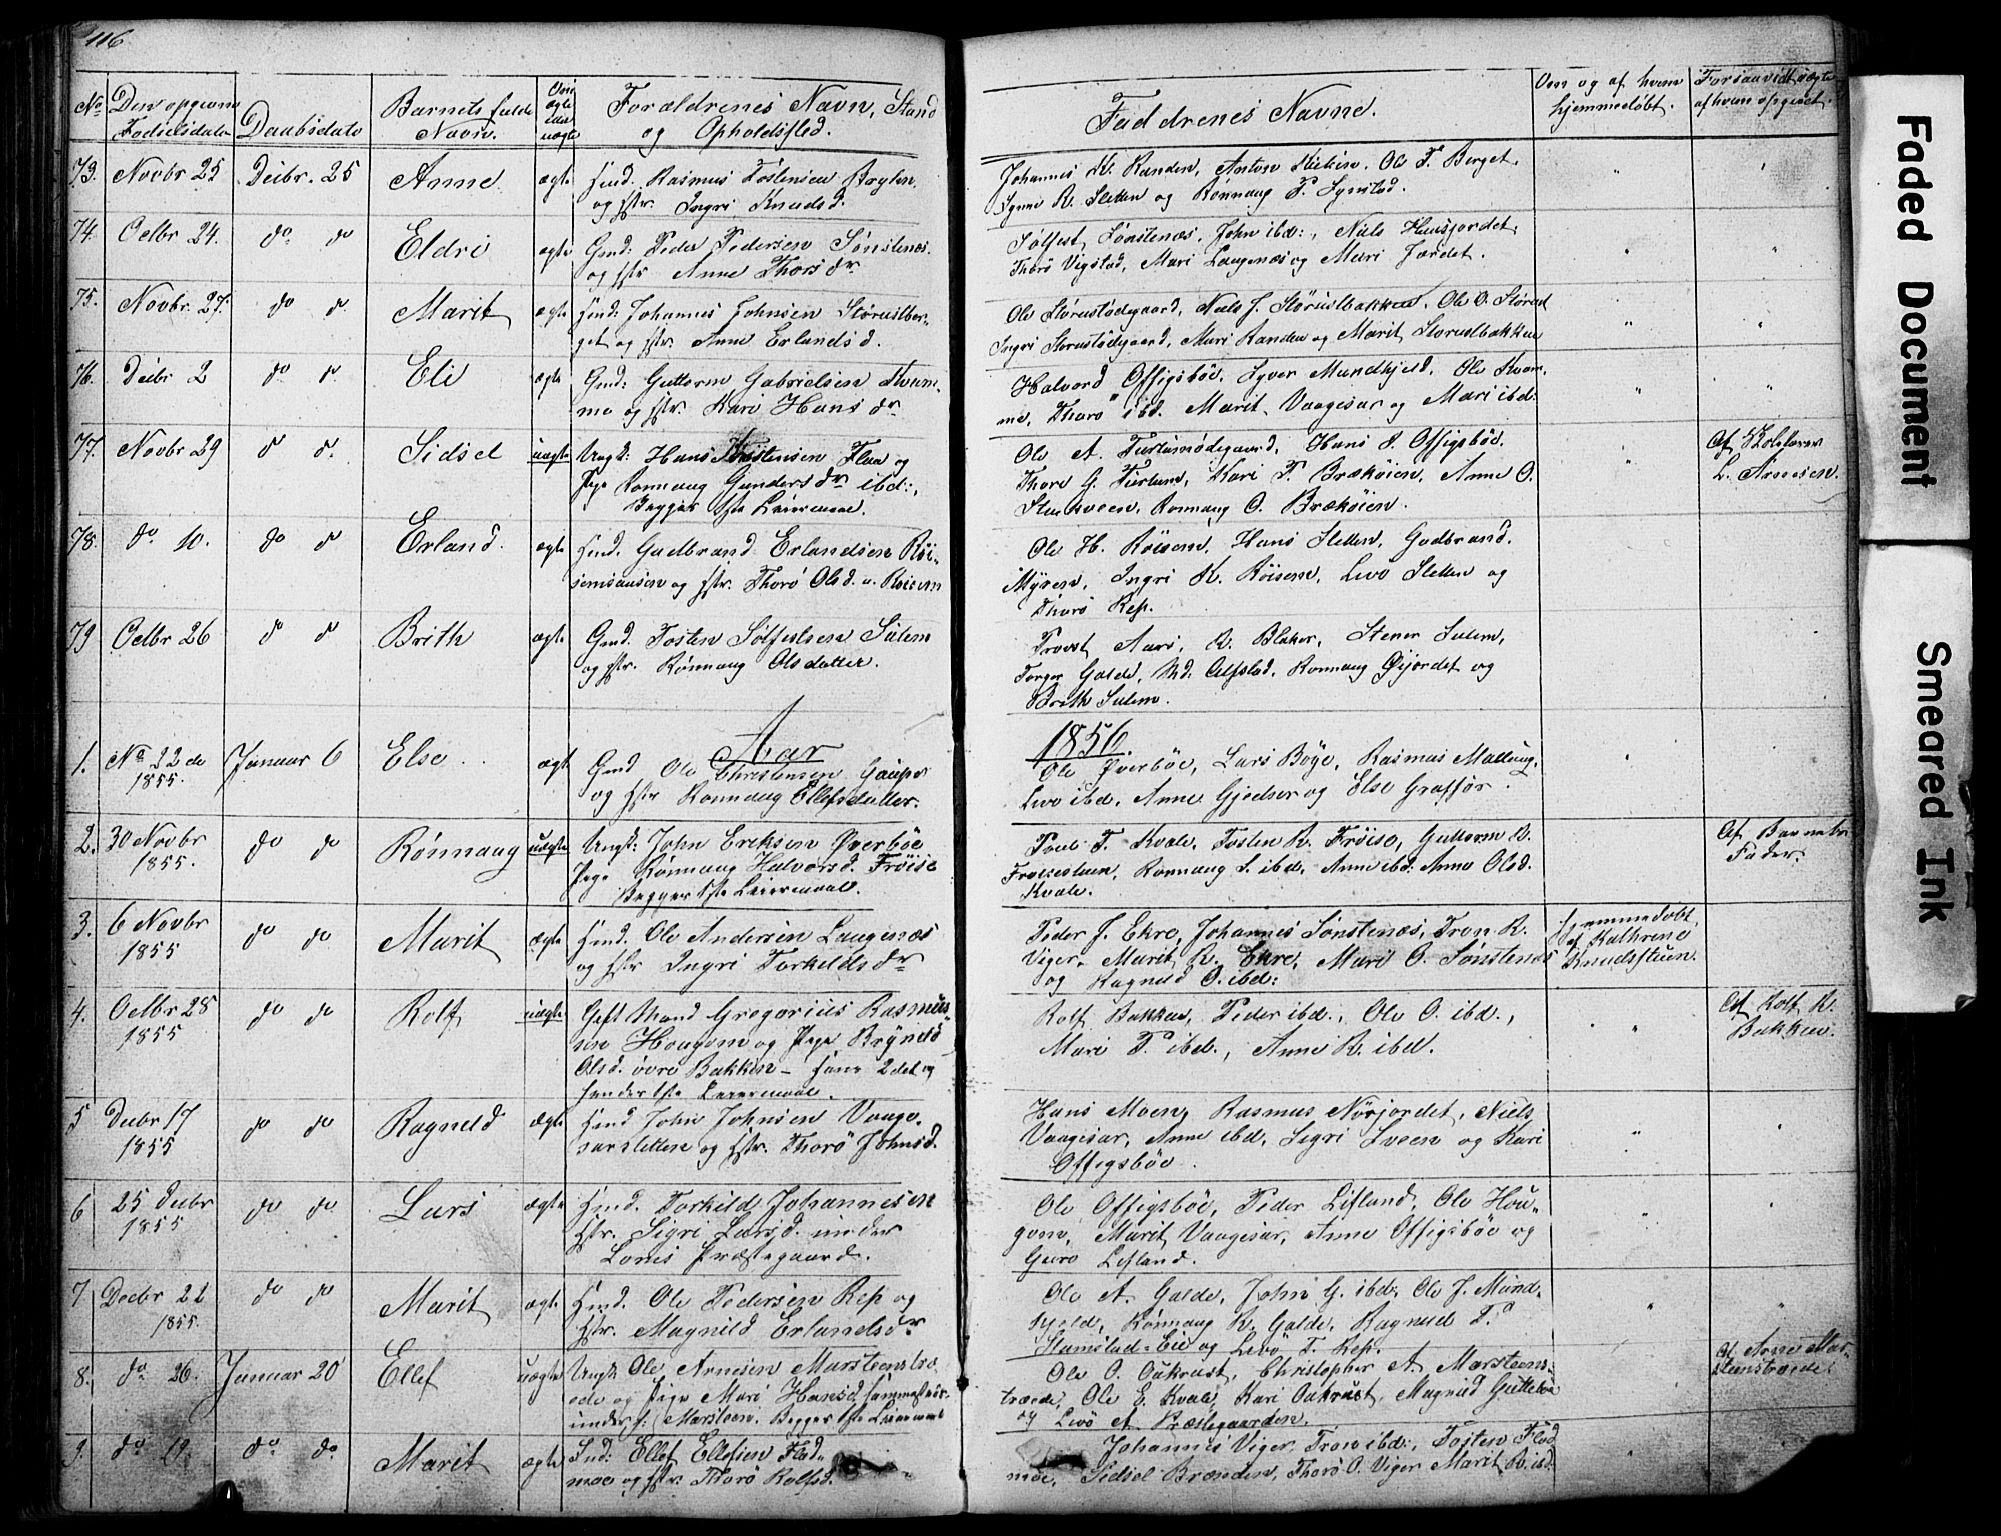 SAH, Lom prestekontor, L/L0012: Klokkerbok nr. 12, 1845-1873, s. 116-117